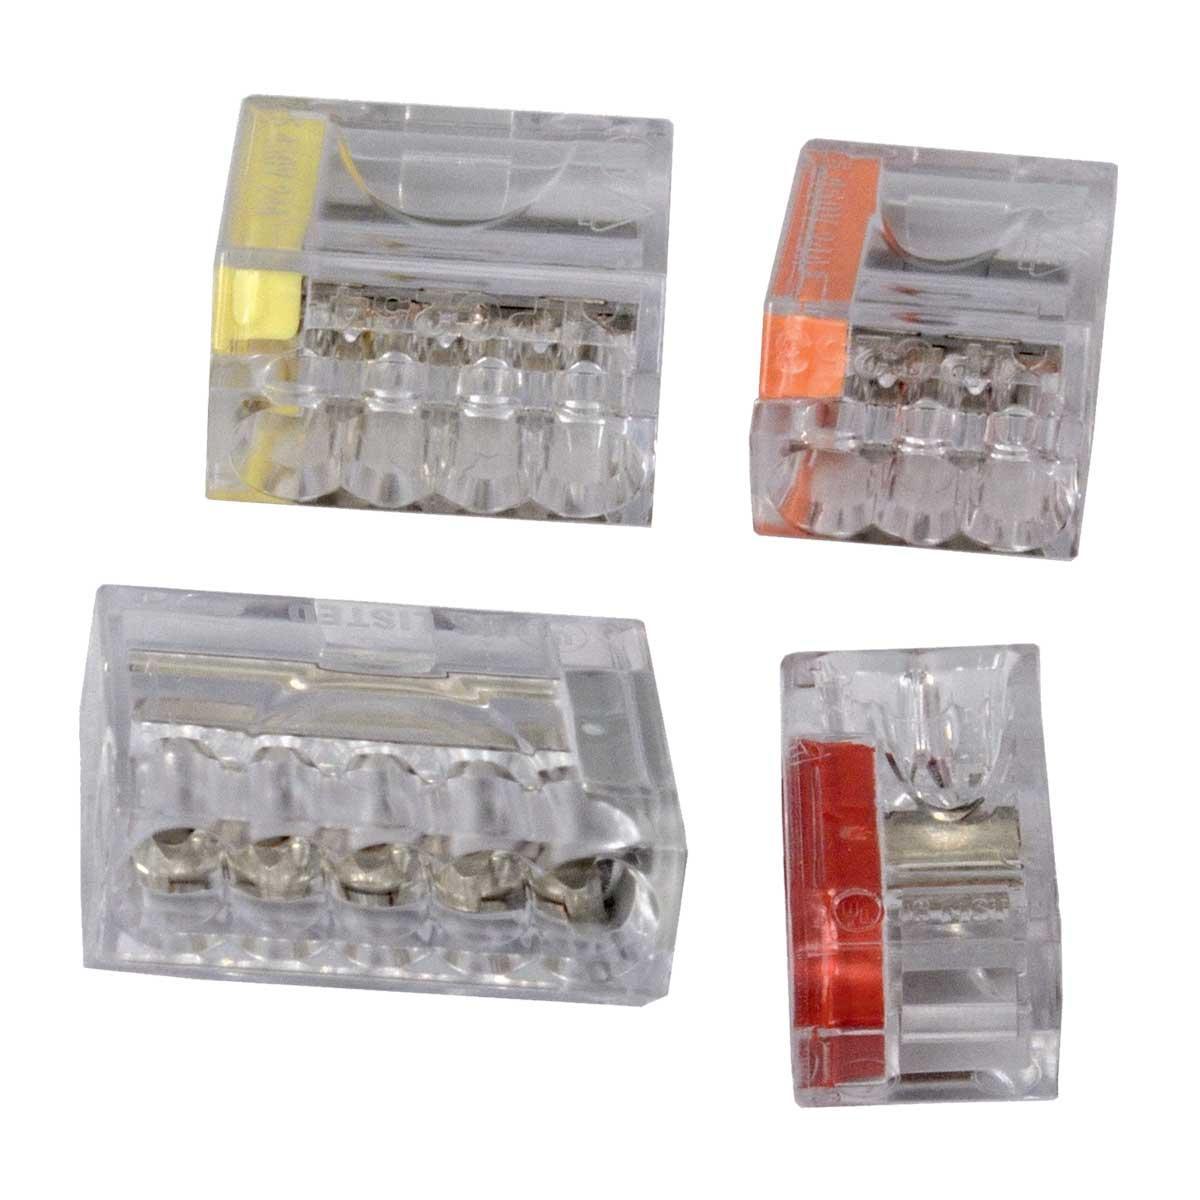 Клемник безгвинтовий; 5х2,5мм; РА; сірий; напруга до 400 V; січення кабелю до 2,5мм; ток до 16А; 2,5х9,5х9,5